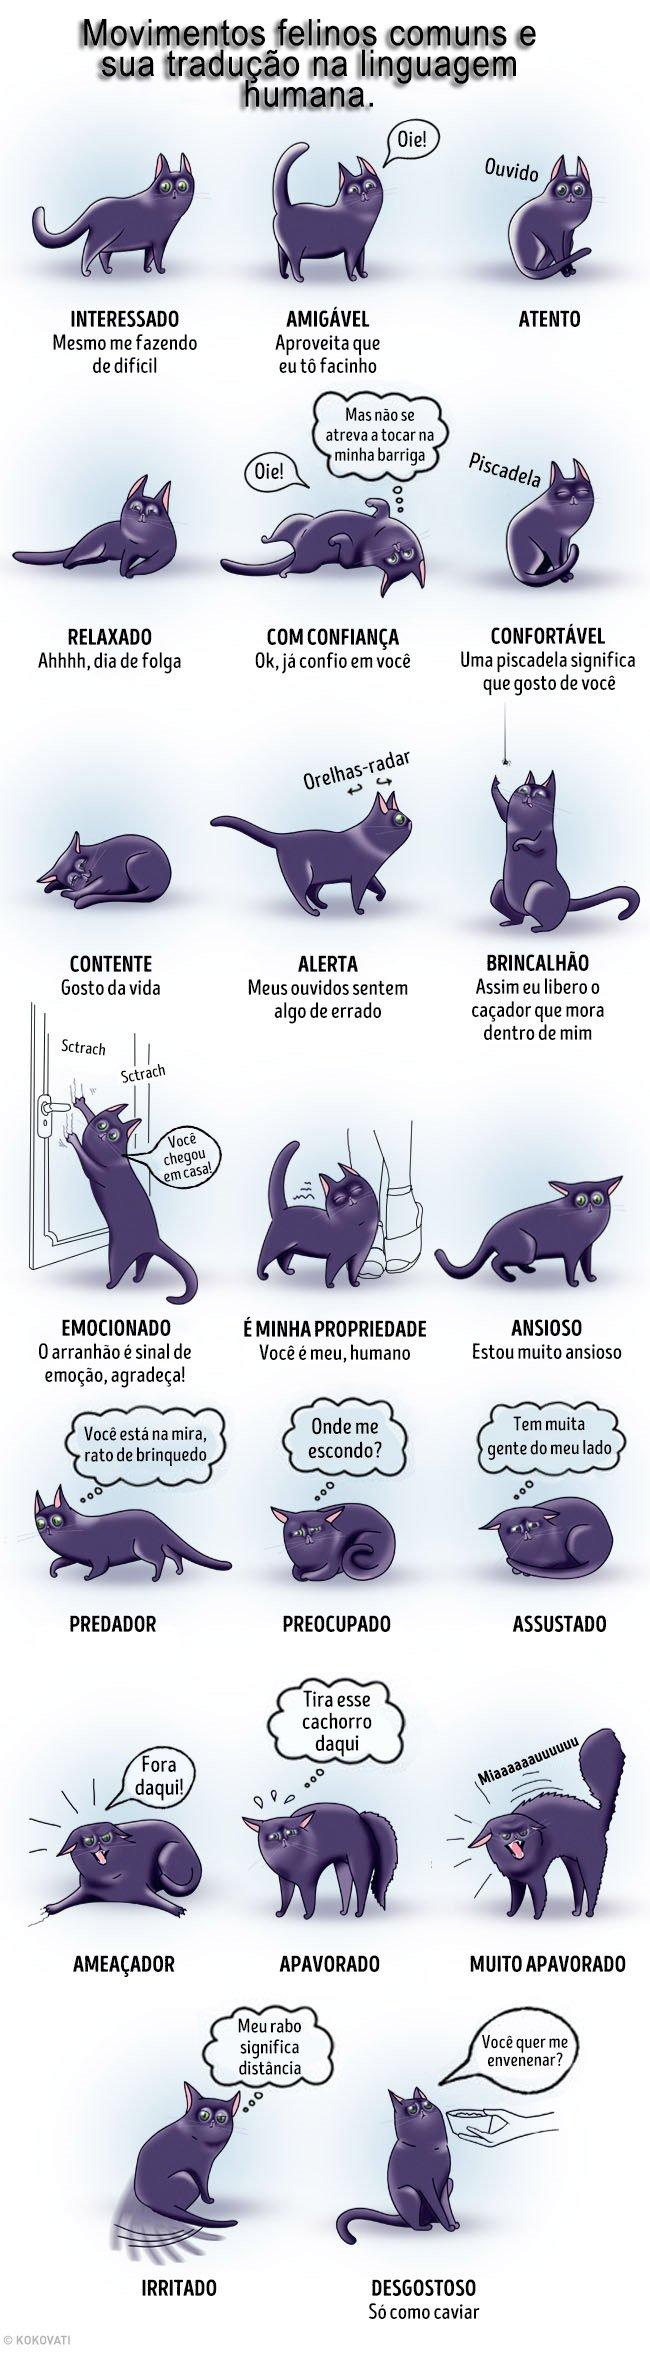 Movimentos felinos e suas traducoes na linguagem humana